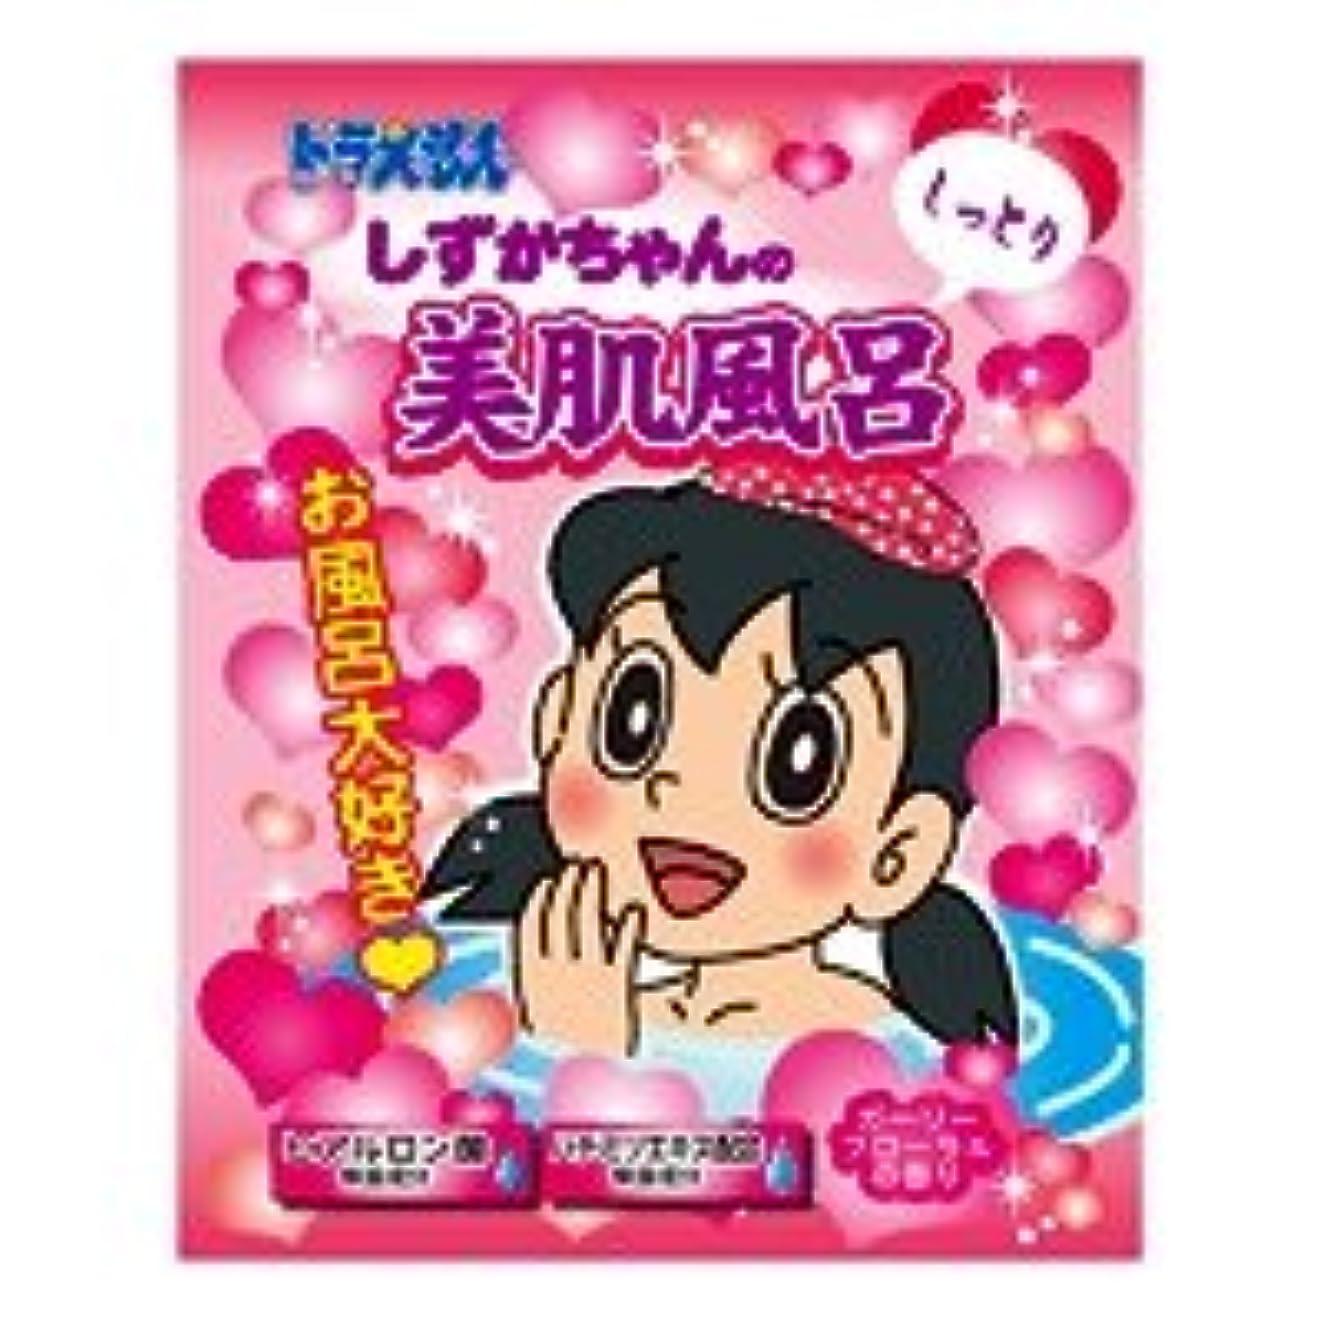 動機付ける光沢命令ドラえもんバスパウダー「しずかちゃんの美肌風呂」12個セット クリーミーピンクのお湯 かわいいお花ガーリーフローラルの香り